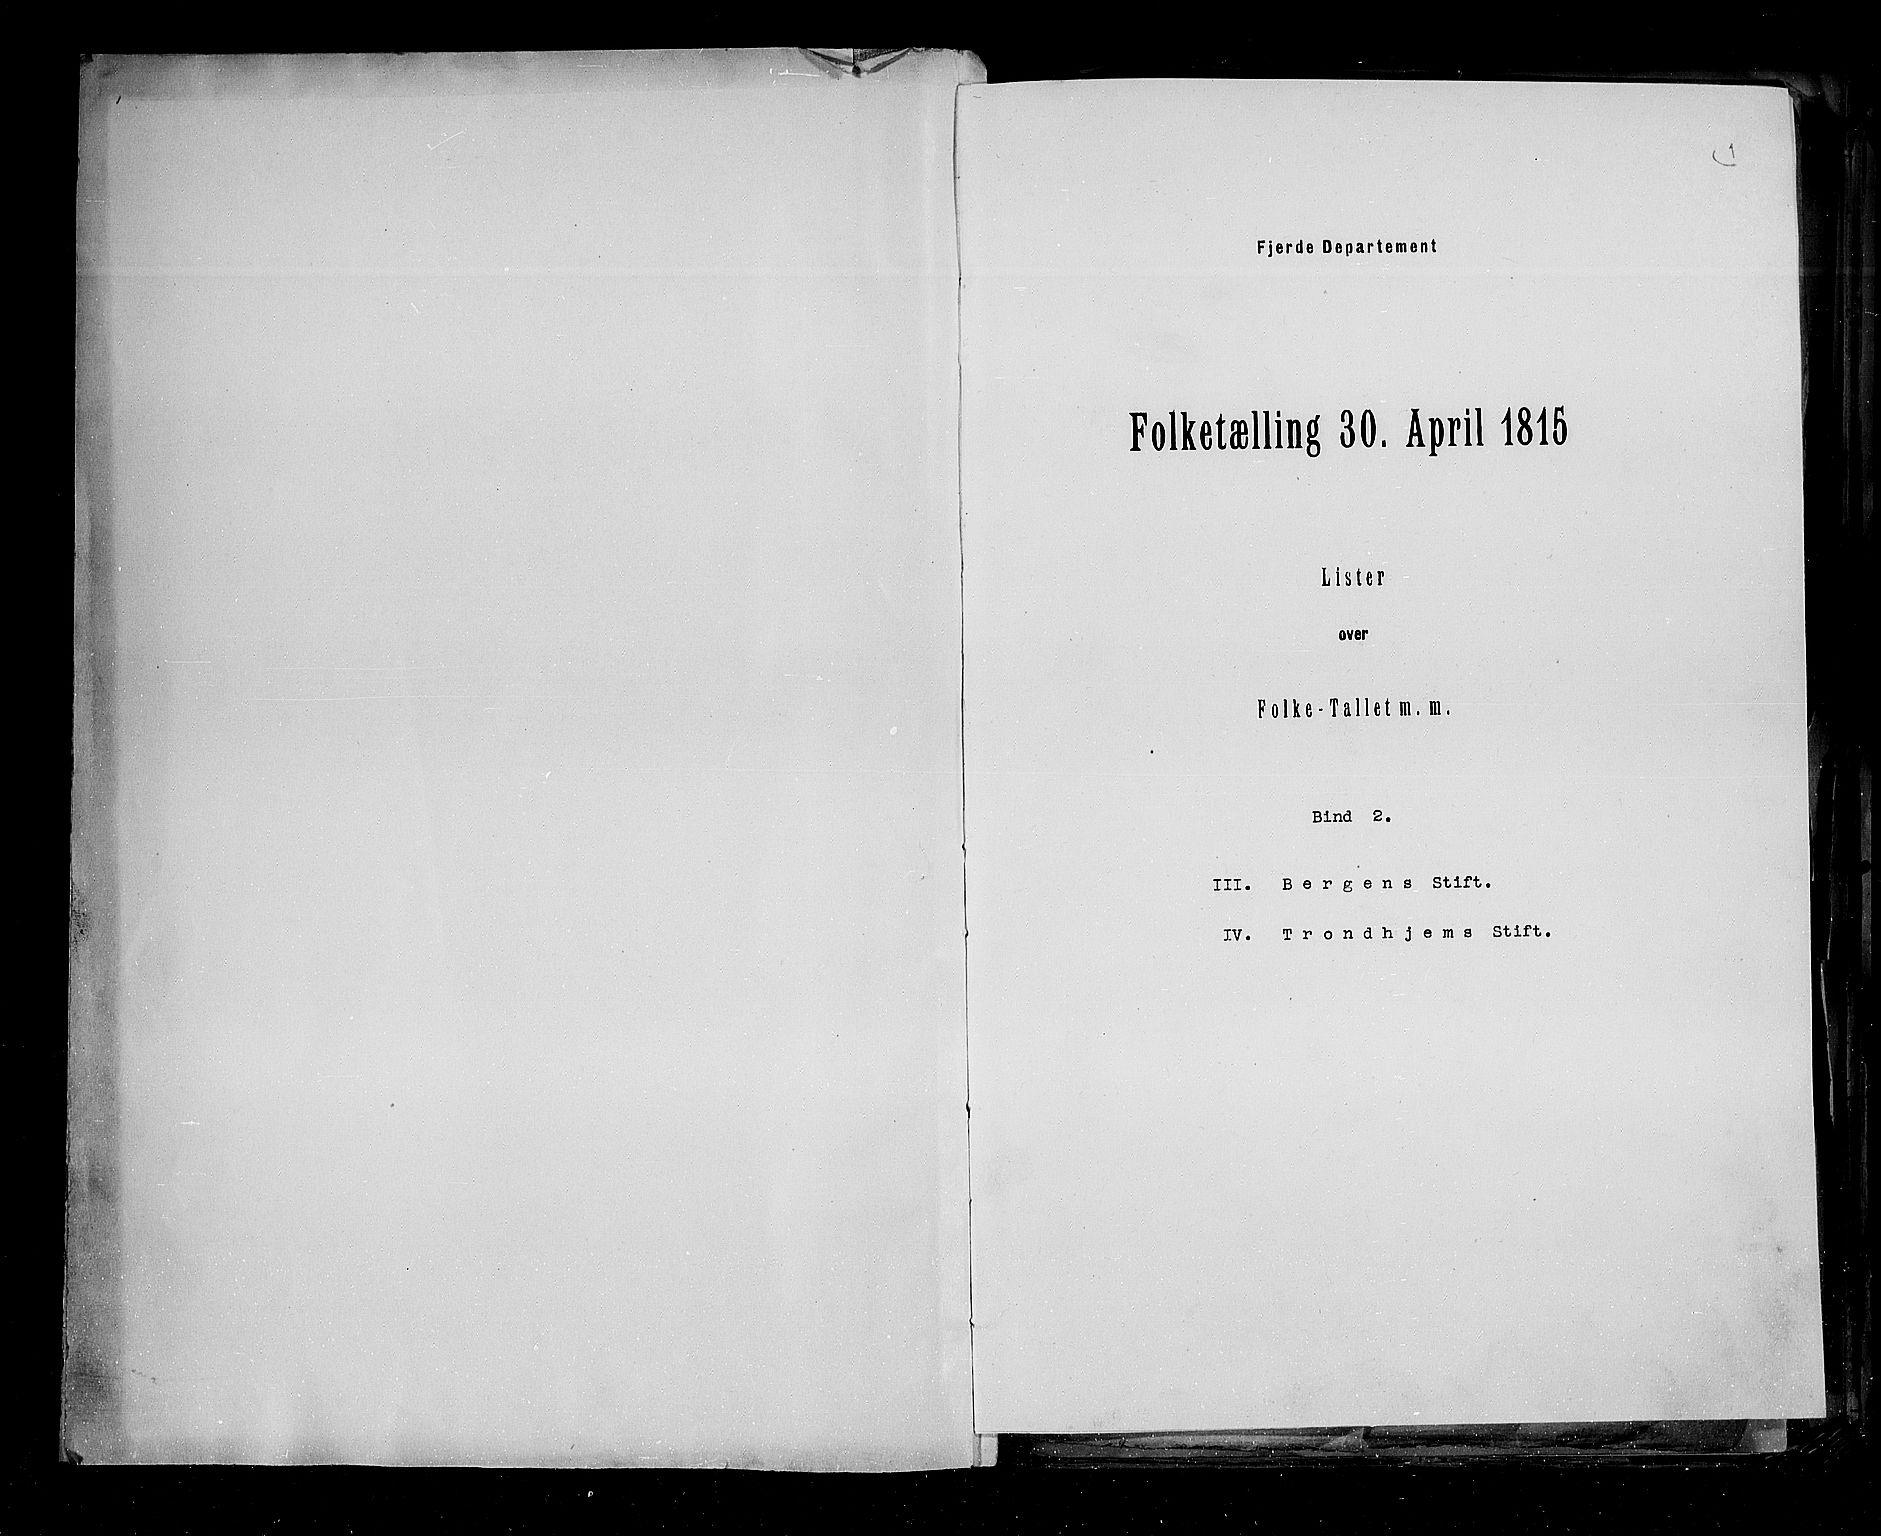 RA, Folketellingen 1815, bind 2: Bergen stift og Trondheim stift, 1815, s. 2